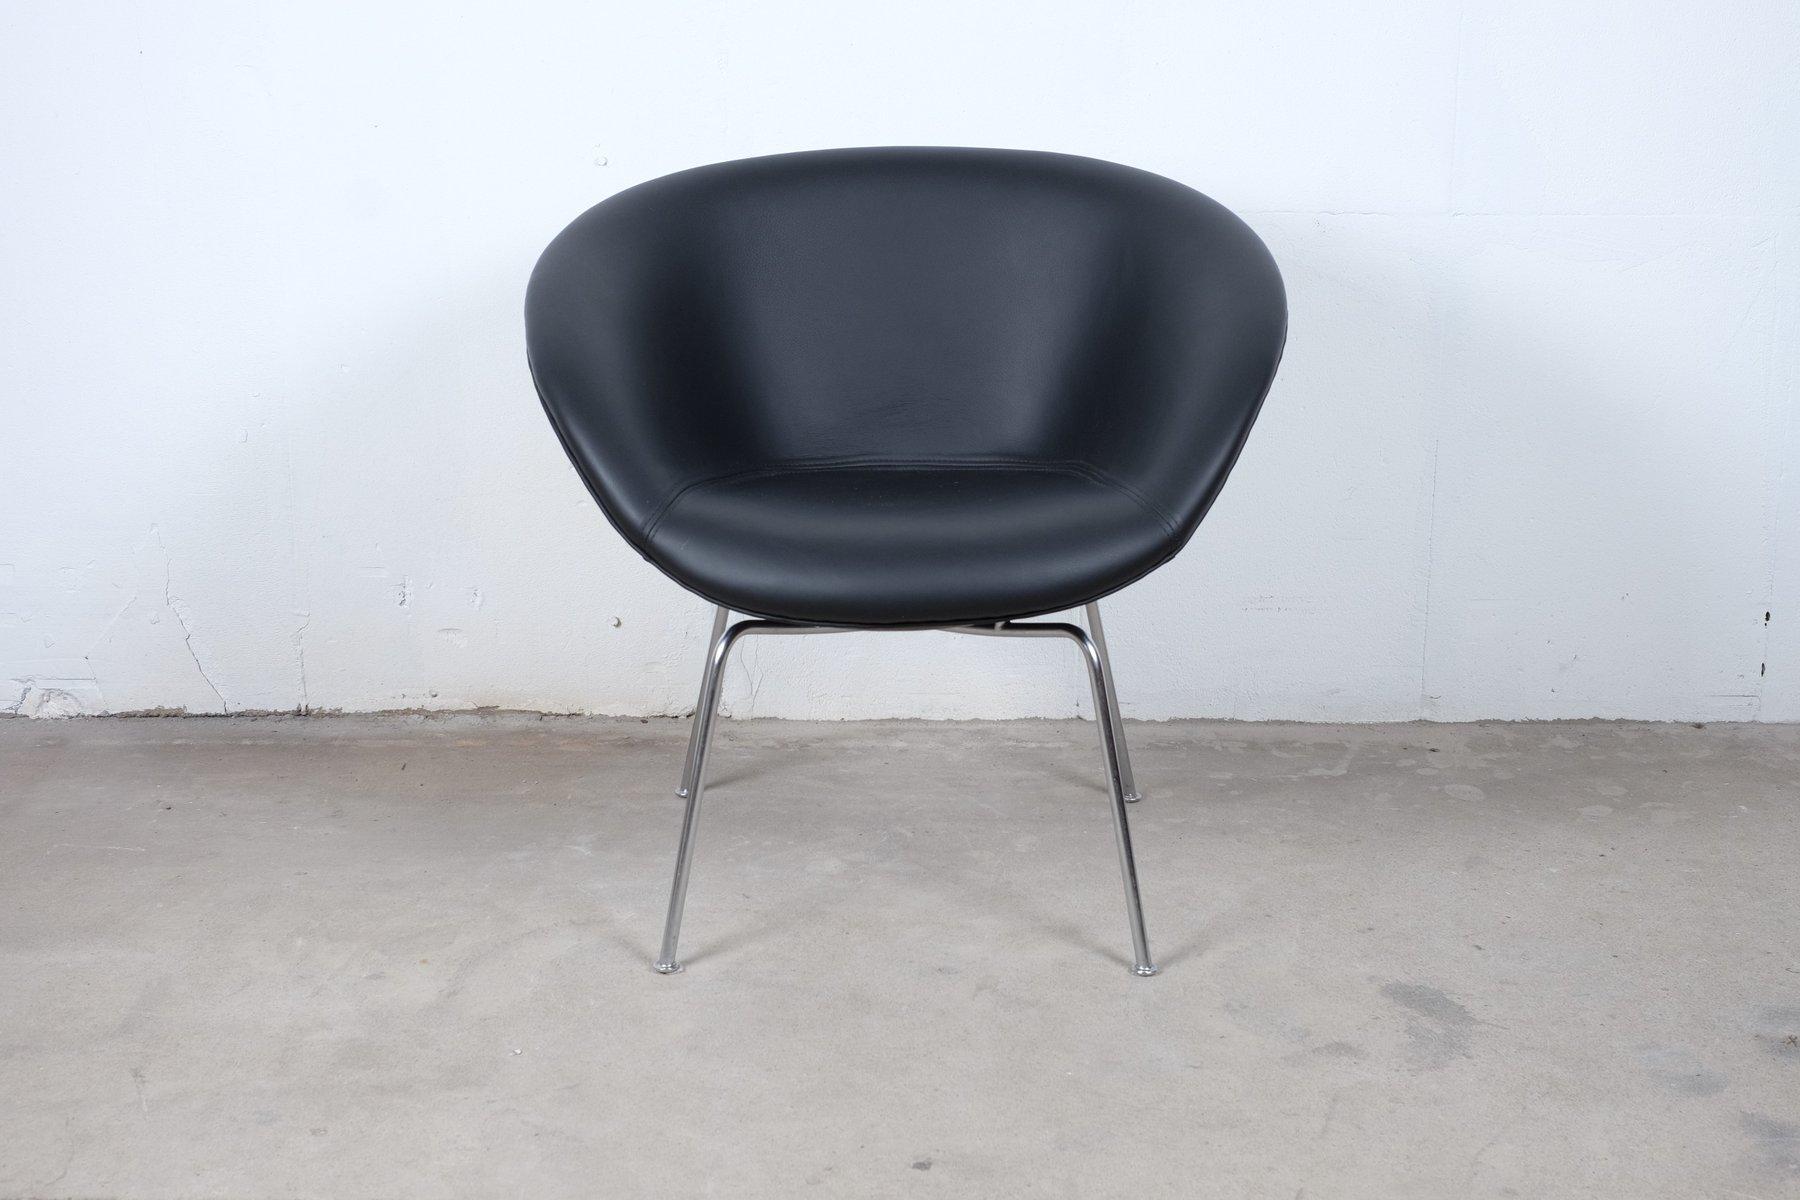 d nischer vintage modell 3318 sessel von arne jacobsen f r. Black Bedroom Furniture Sets. Home Design Ideas